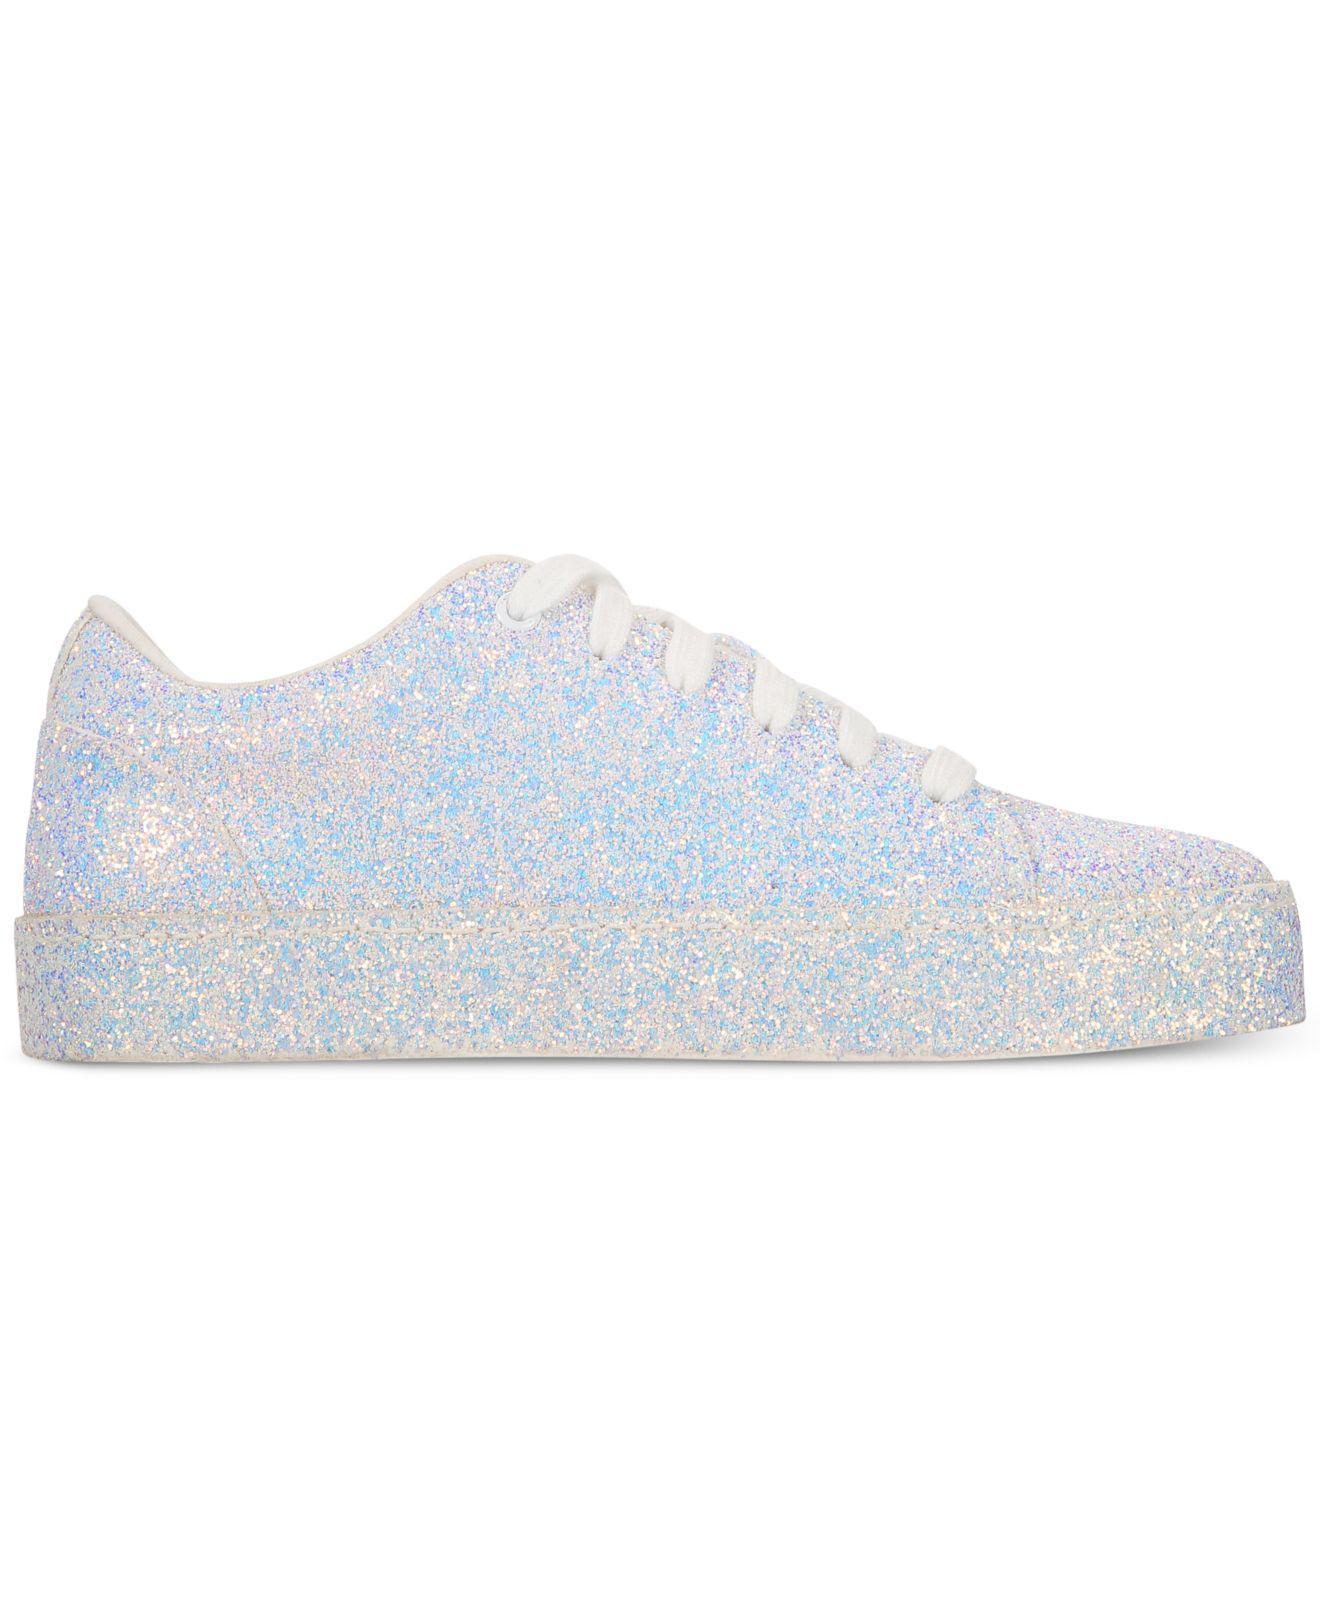 6f8ecf5ddb ALDO Eltivia Glitter Sneakers in White - Lyst